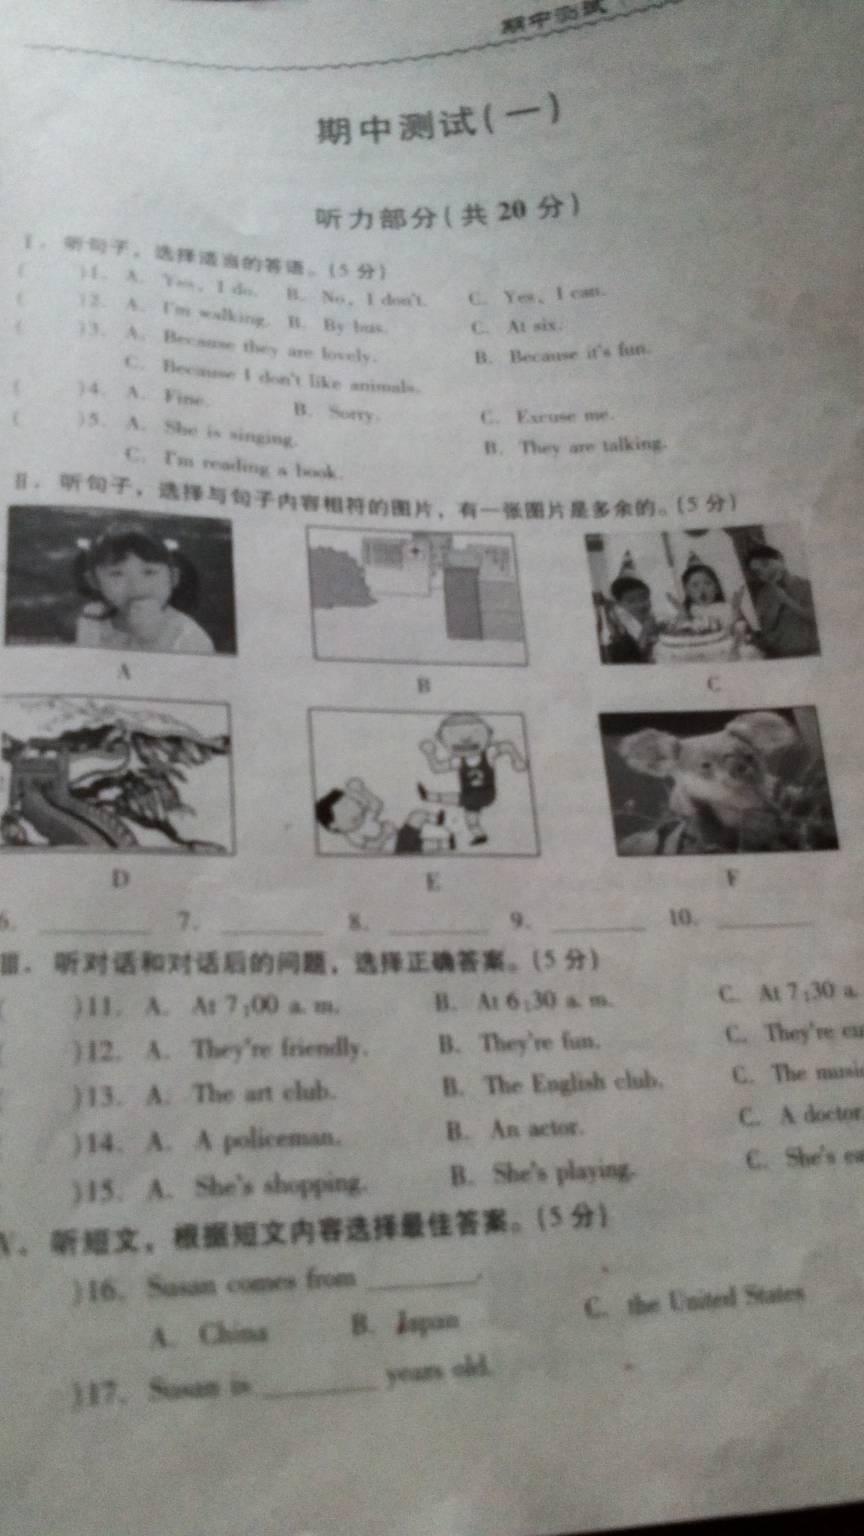 七年级下册英语练习册答案 七年级下册英语练习册答案人教高清图片